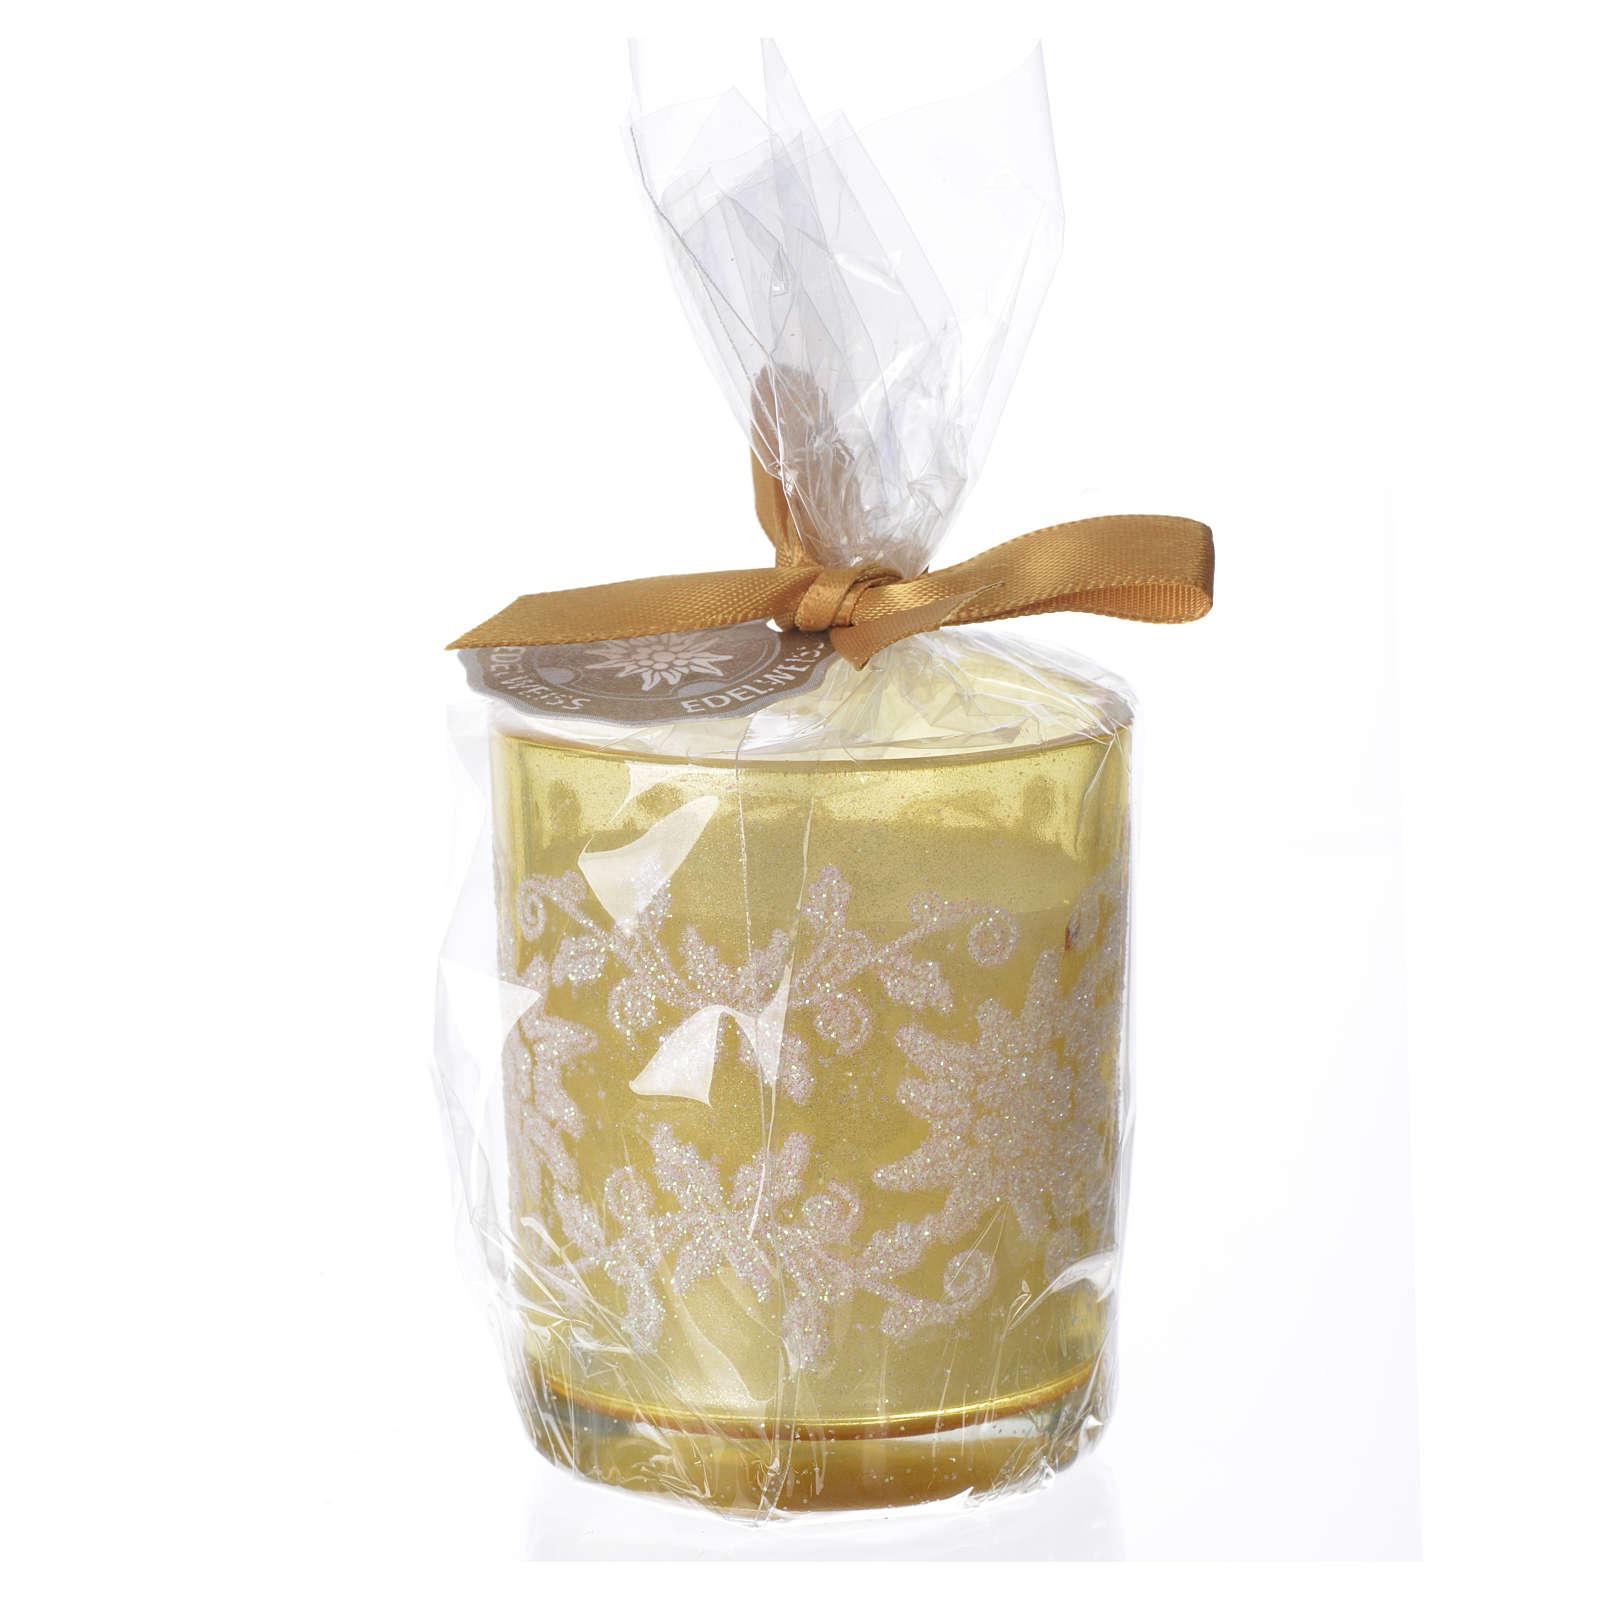 Candela di Natale bicchiere vetro bianco e avorio assortite 3